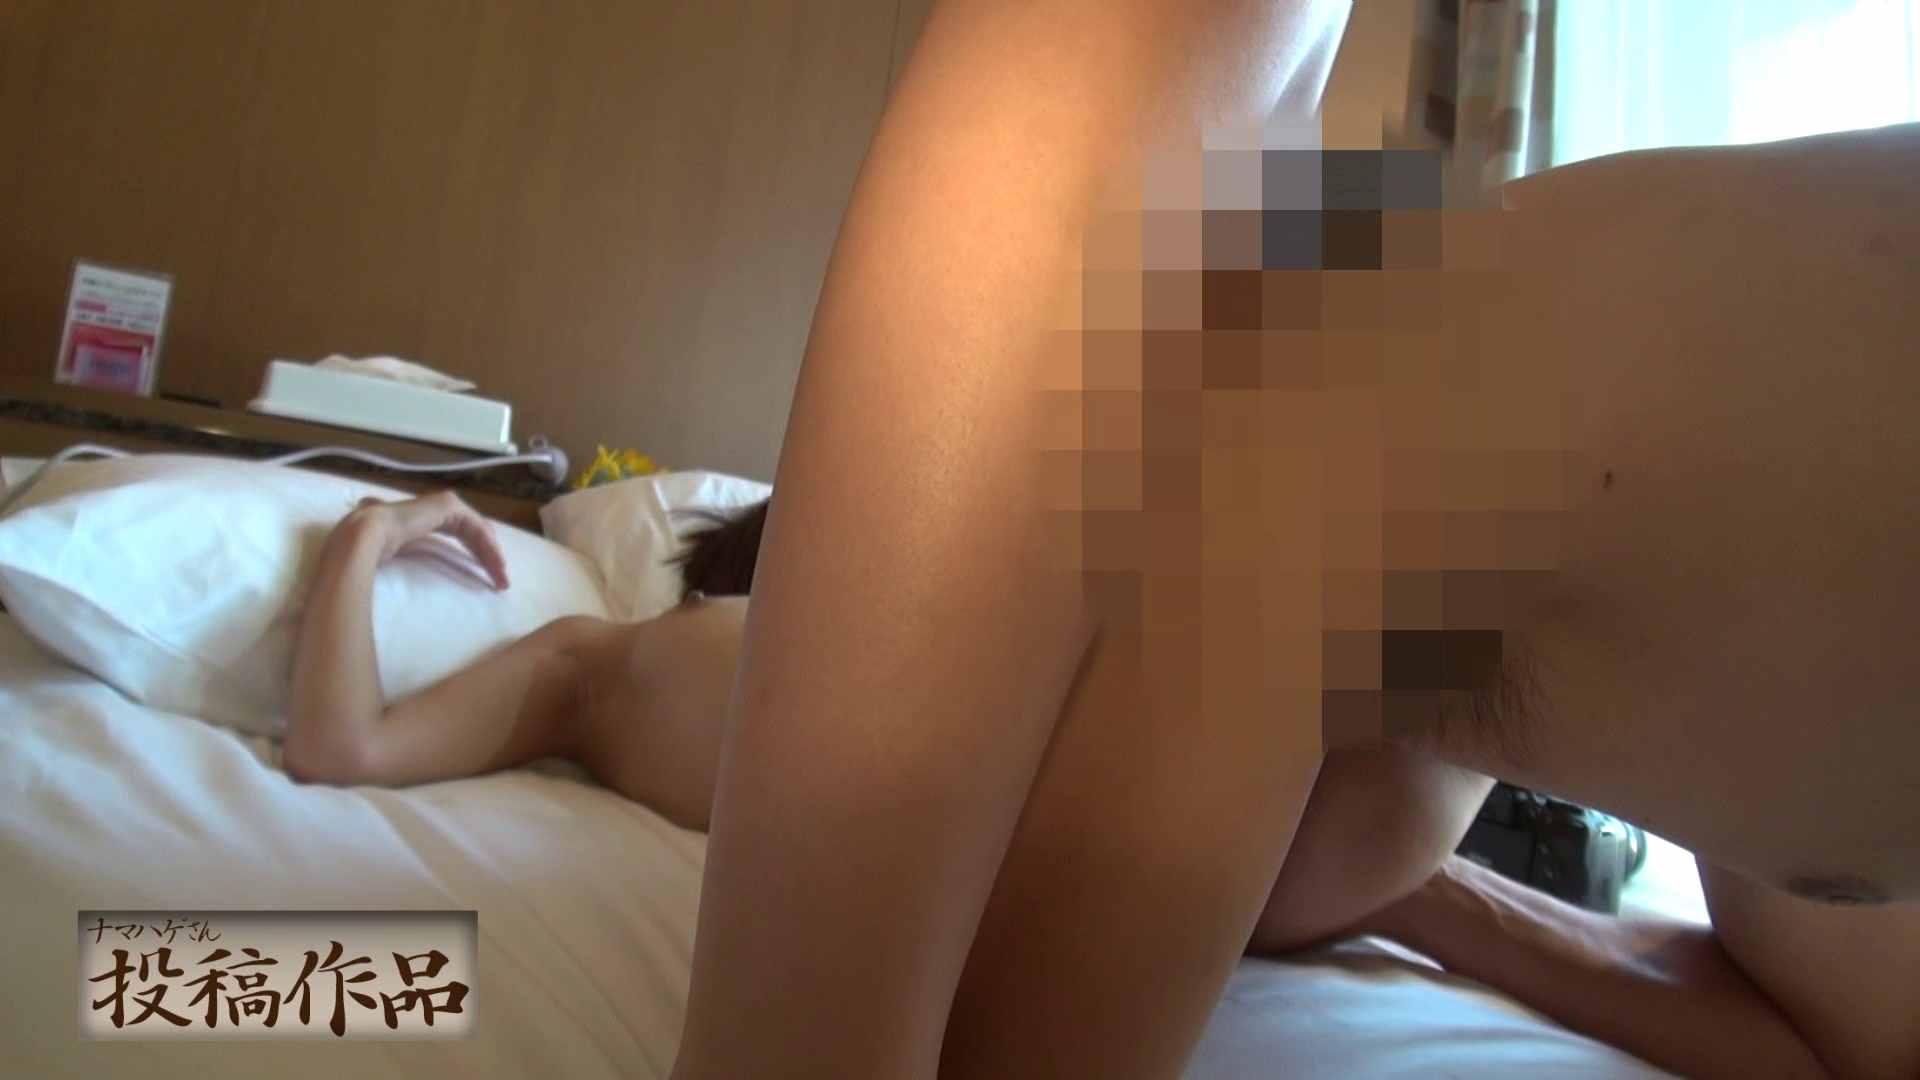 ナマハゲさんのまんこコレクション第二章 ayumi02 中出し ヌード画像 91枚 35